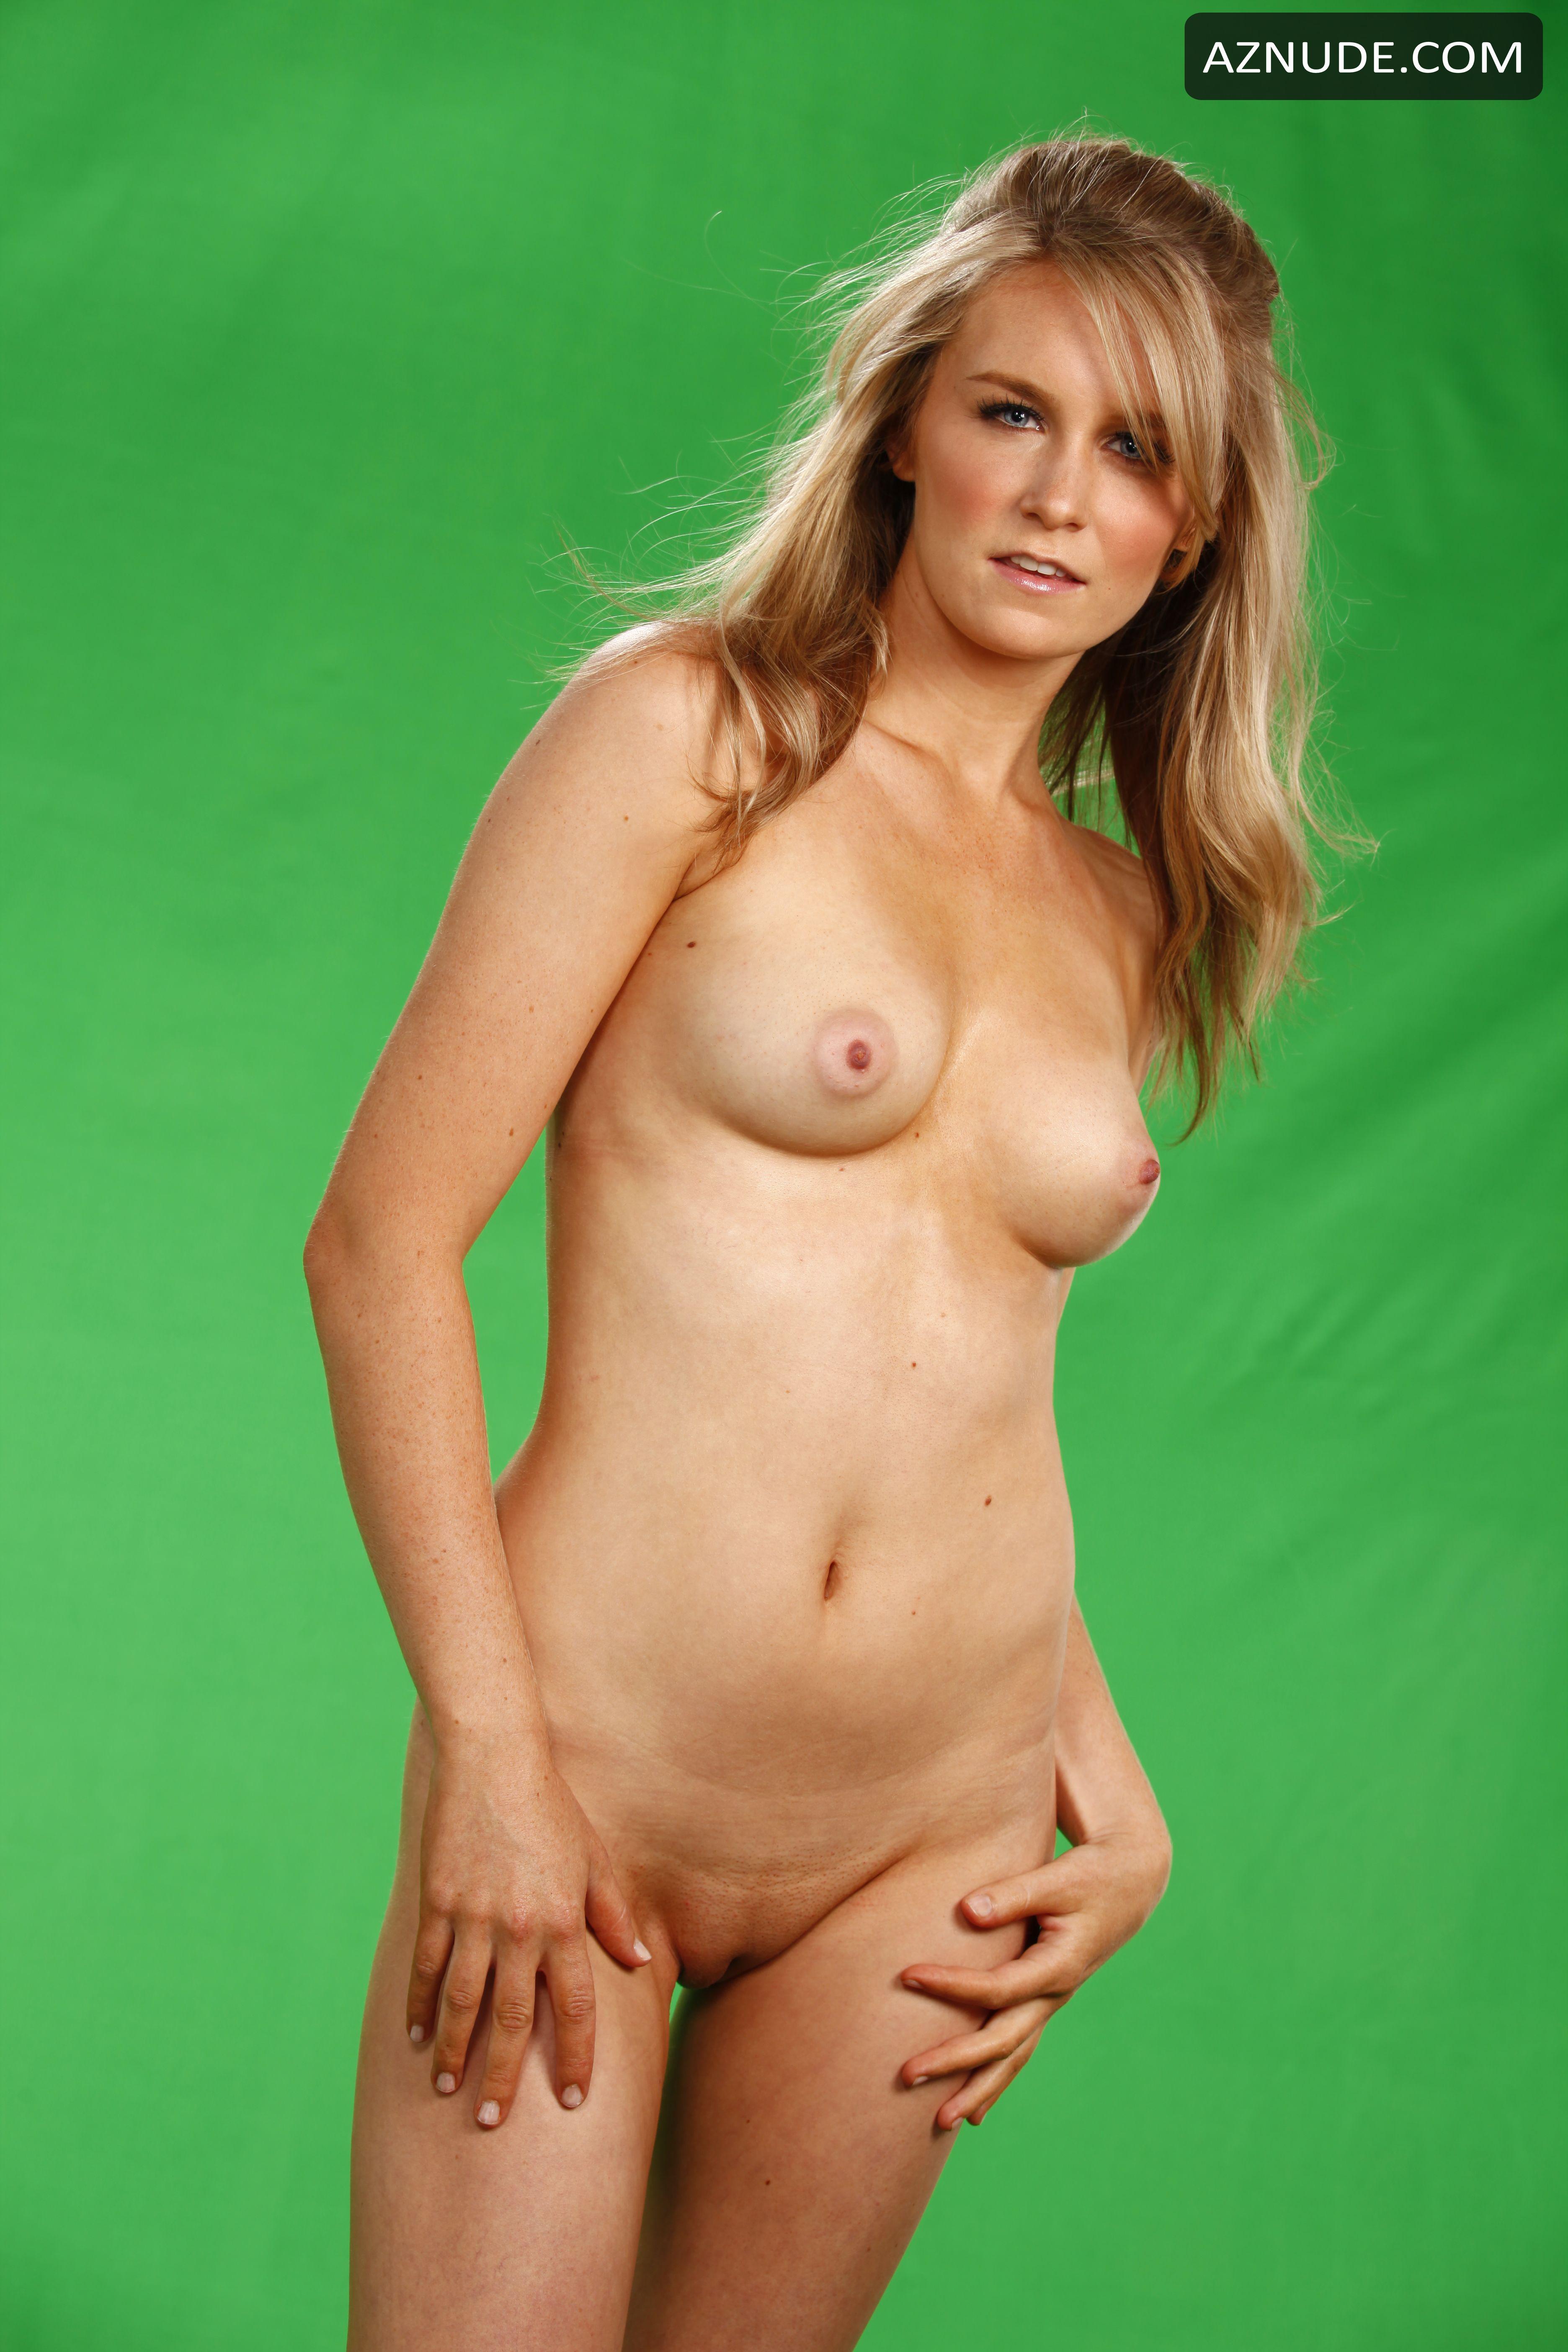 nude Porno Malorie Mackey (16 photo) Selfie, Instagram, see through